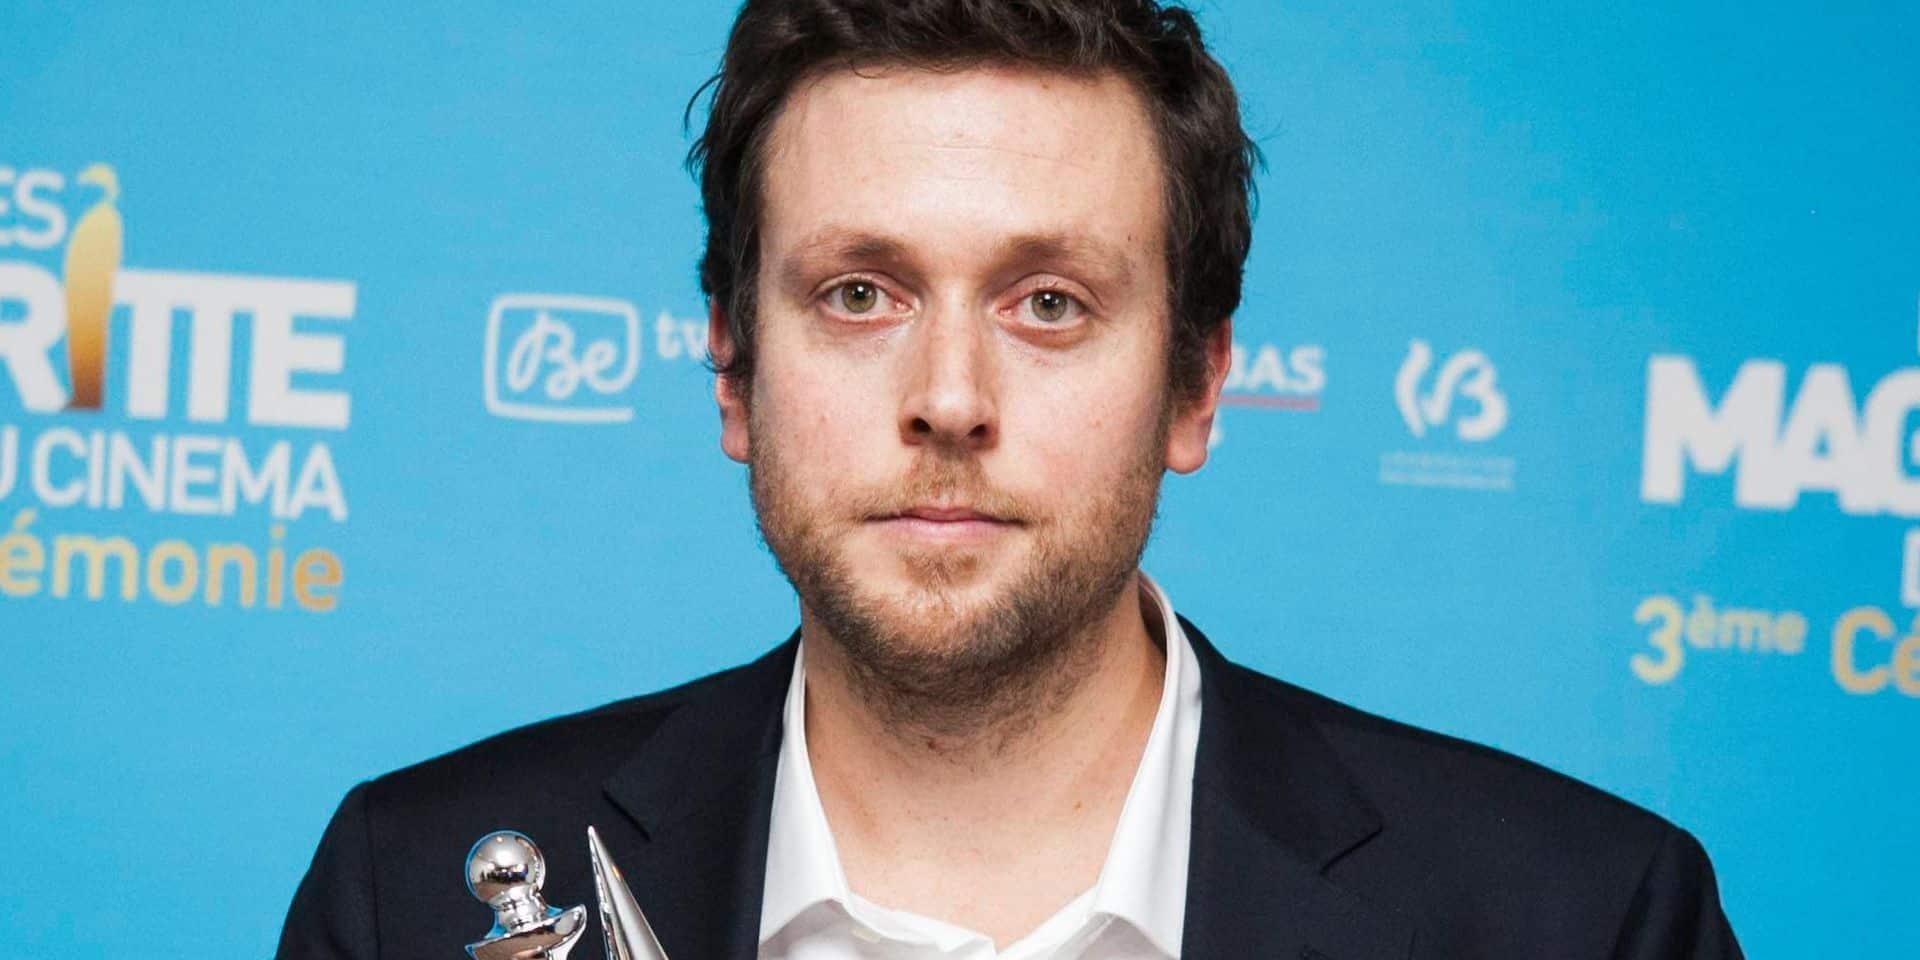 Joachim Lafosse à propos des Magritte : Notre cinéma vaut mieux que ce marketing vulgaire et des blagues sans finesse